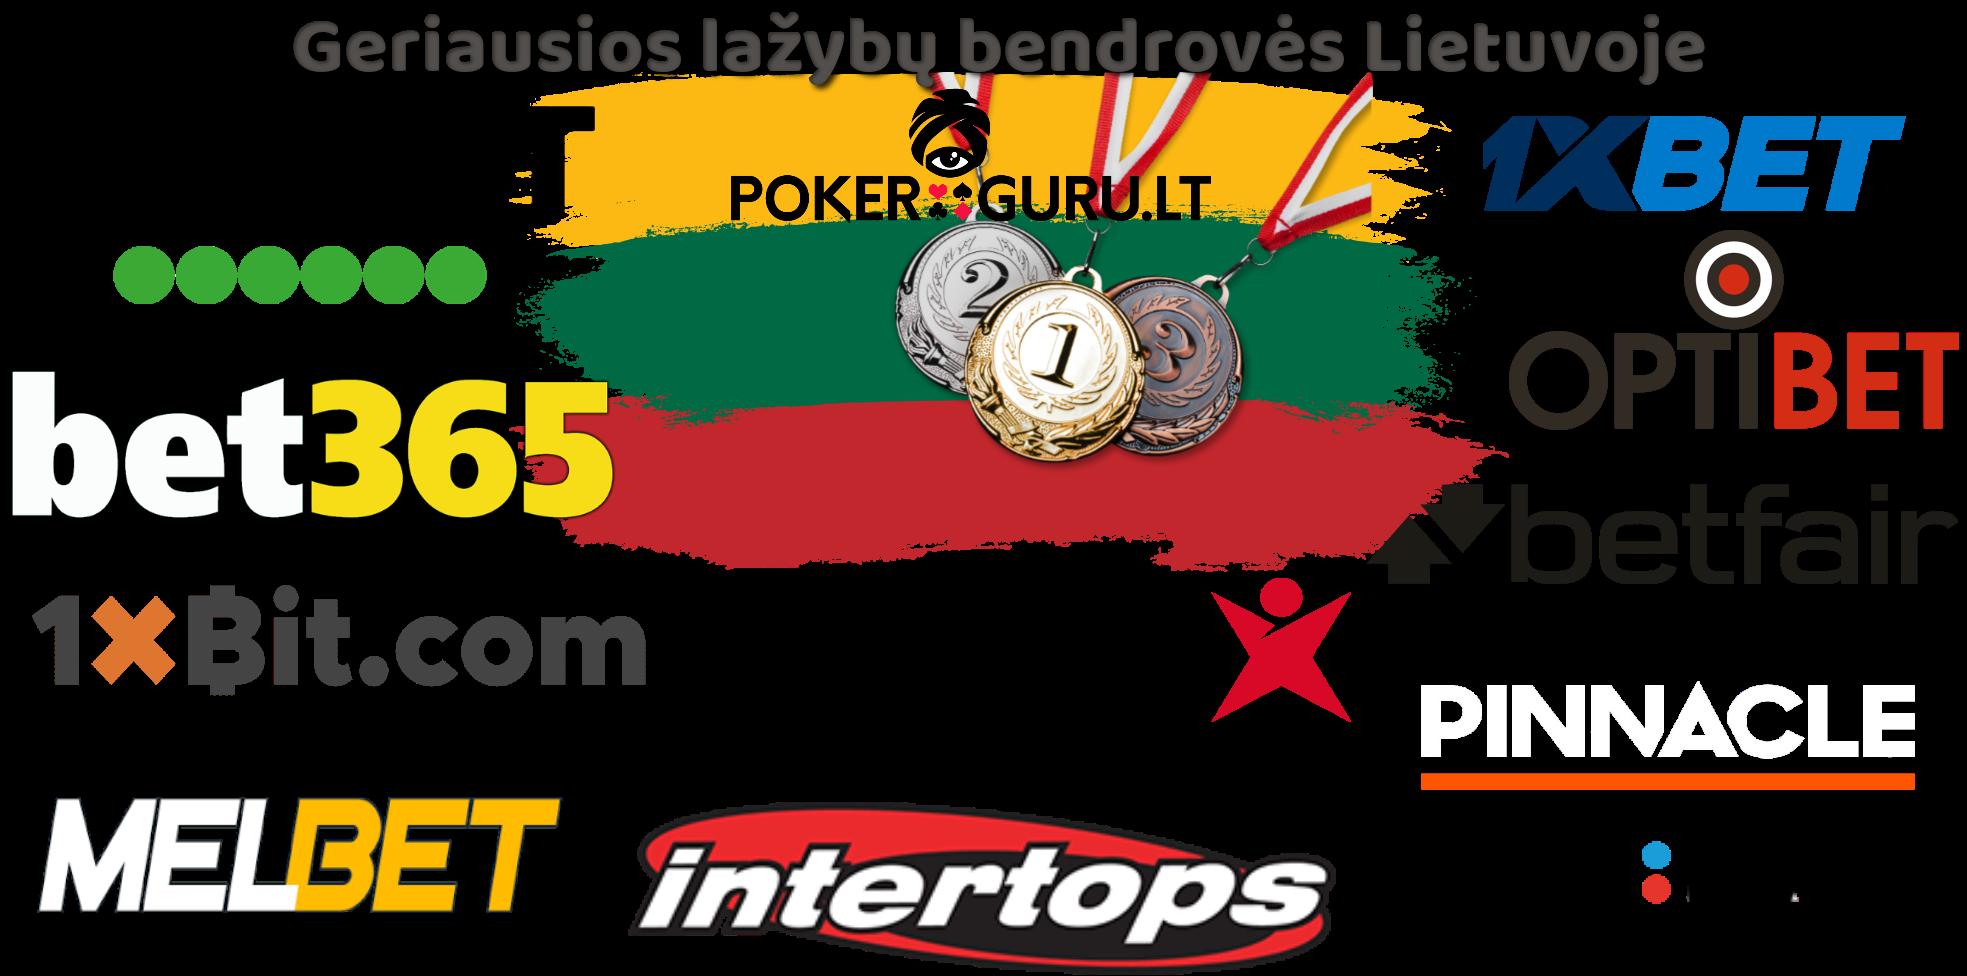 Lietuvos vėliava, Geriausios lažybų bendrovės Lietuvoje internete su logotipais